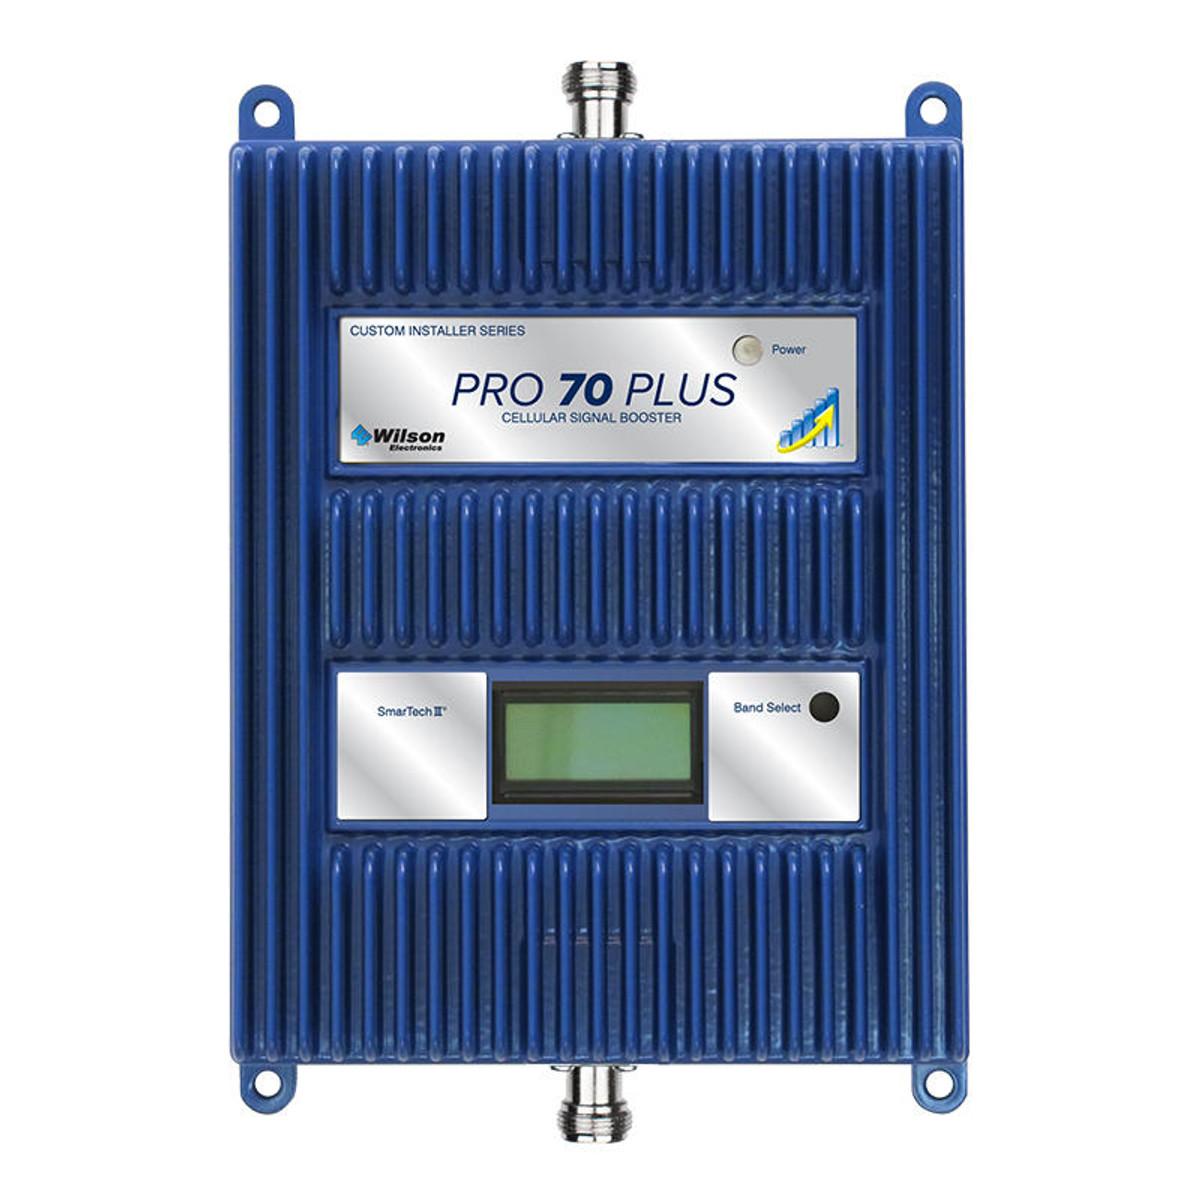 Wilson Pro Wilson Pro 70 Plus 50 Ohm Kit with Yagi/Dome Antenna or 463227